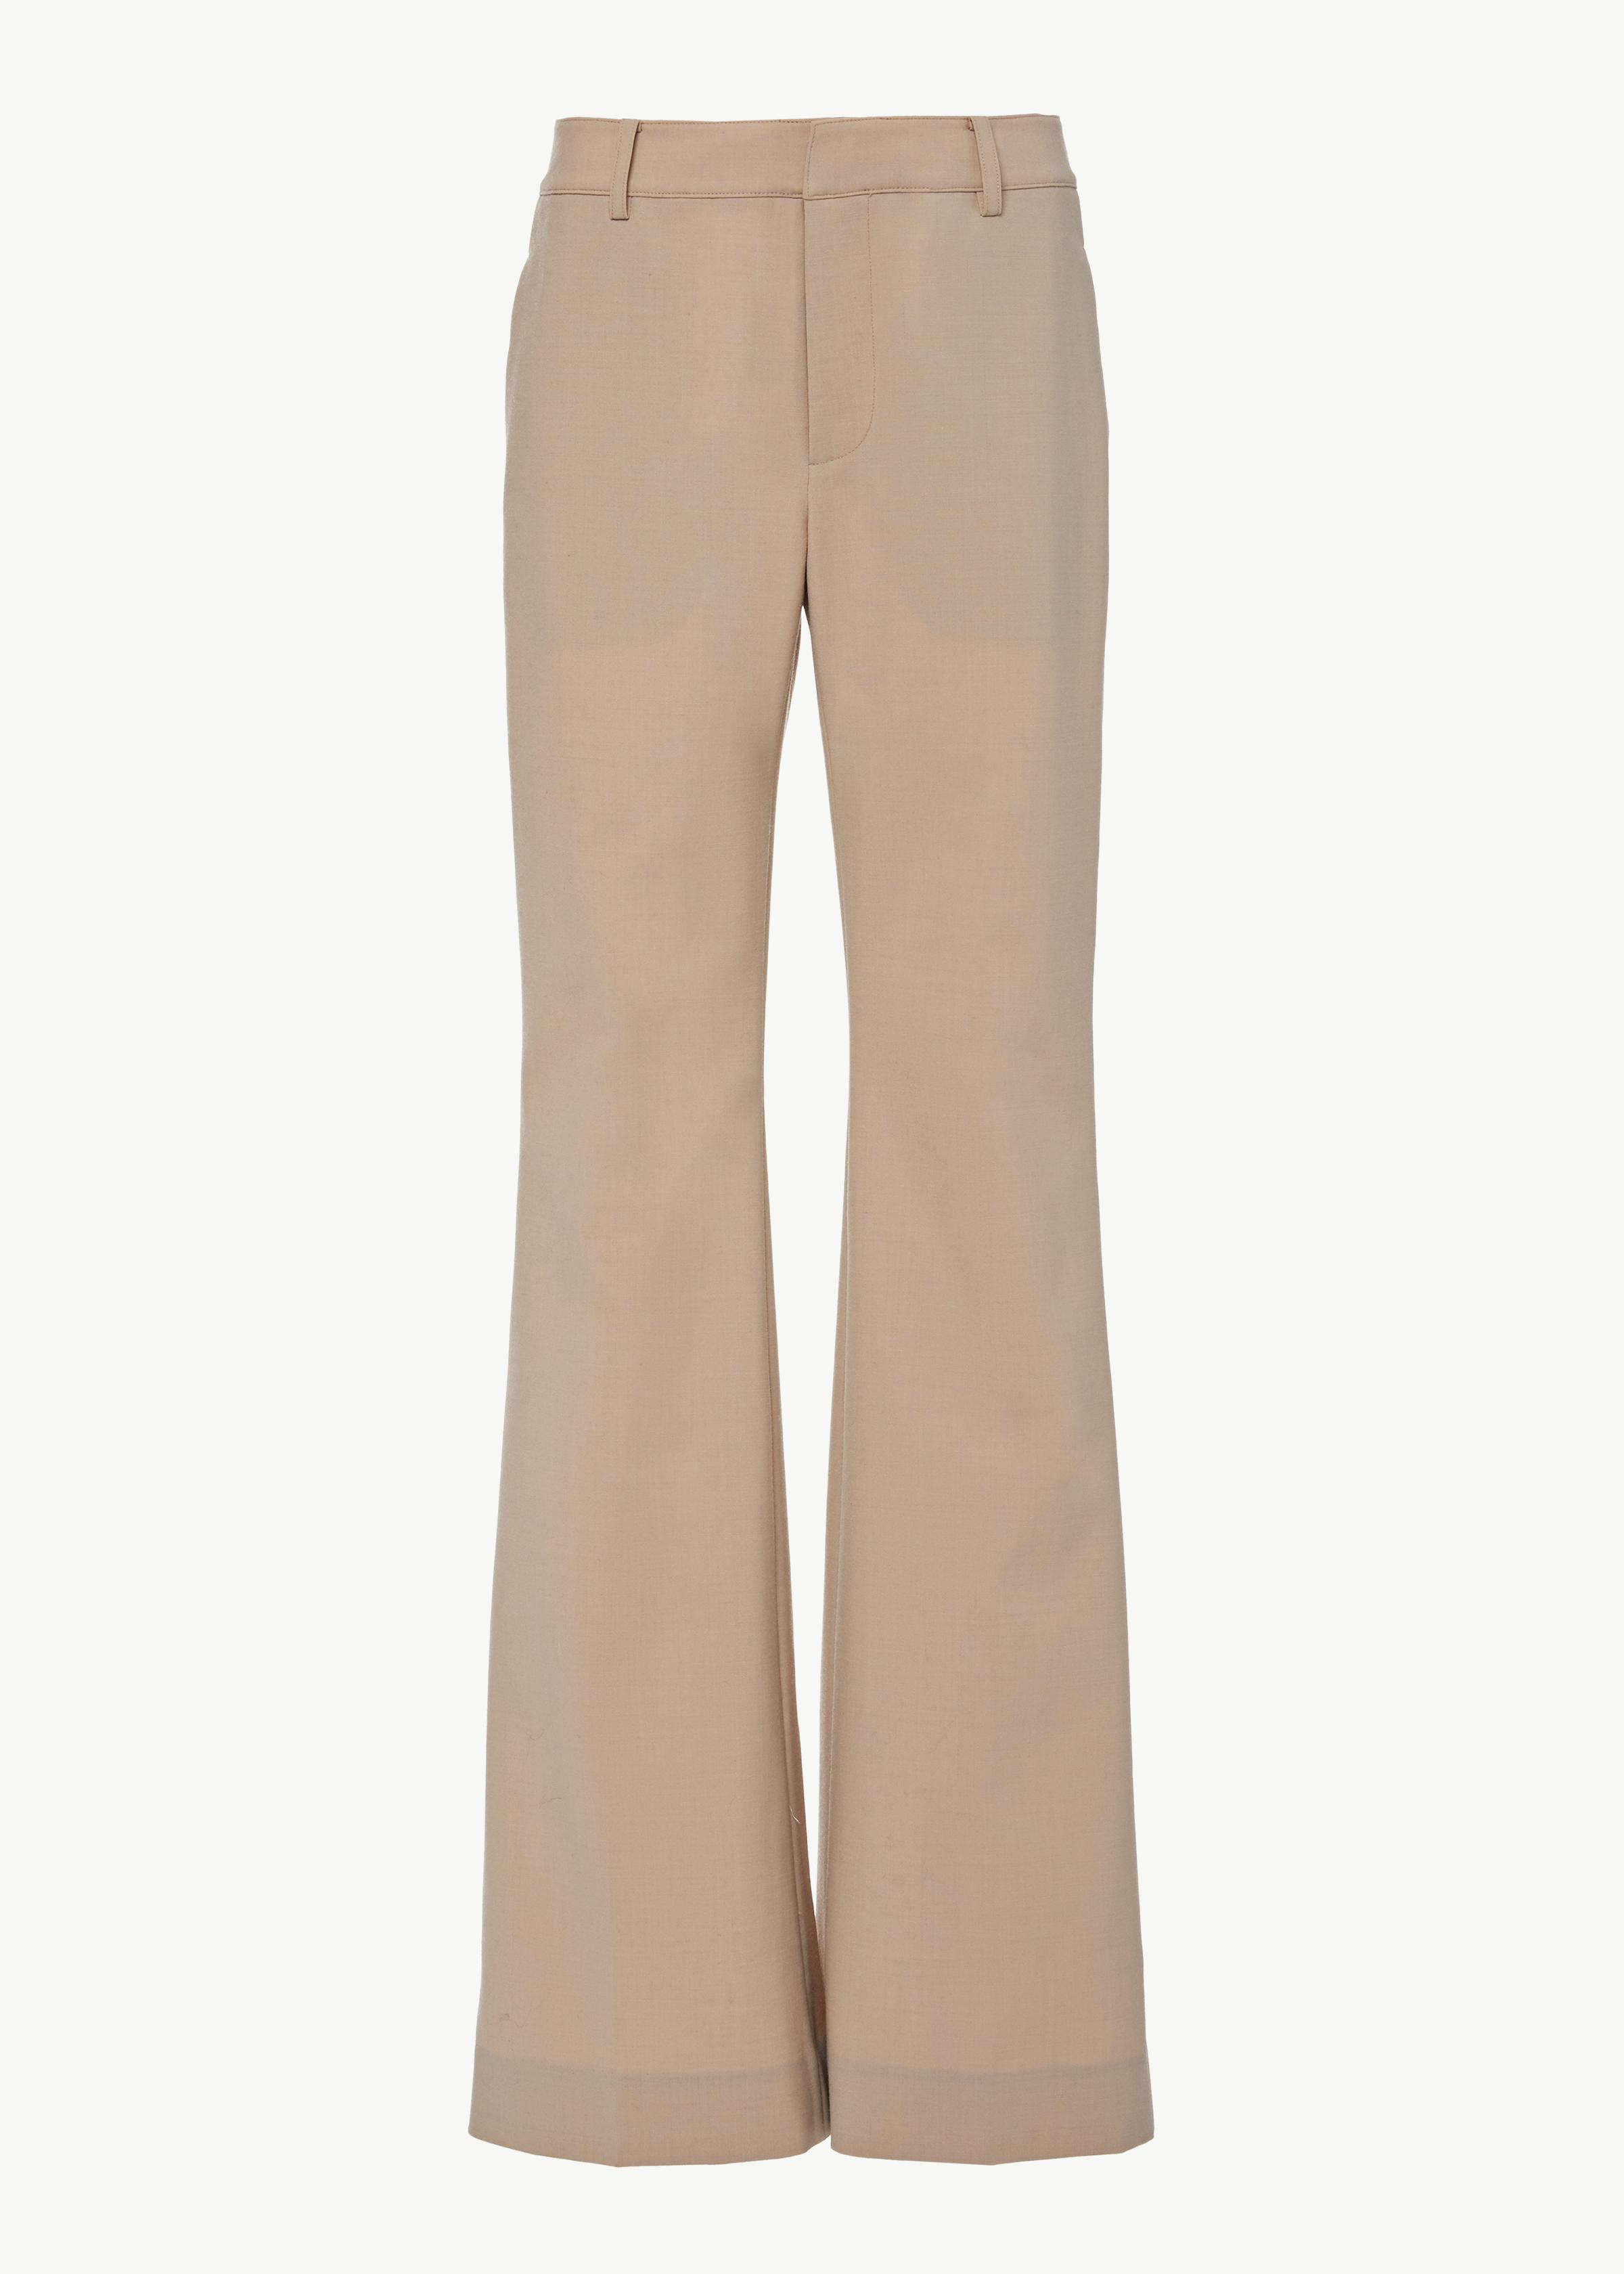 Flare Leg Trouser in Stretch Wool - Beige - CO